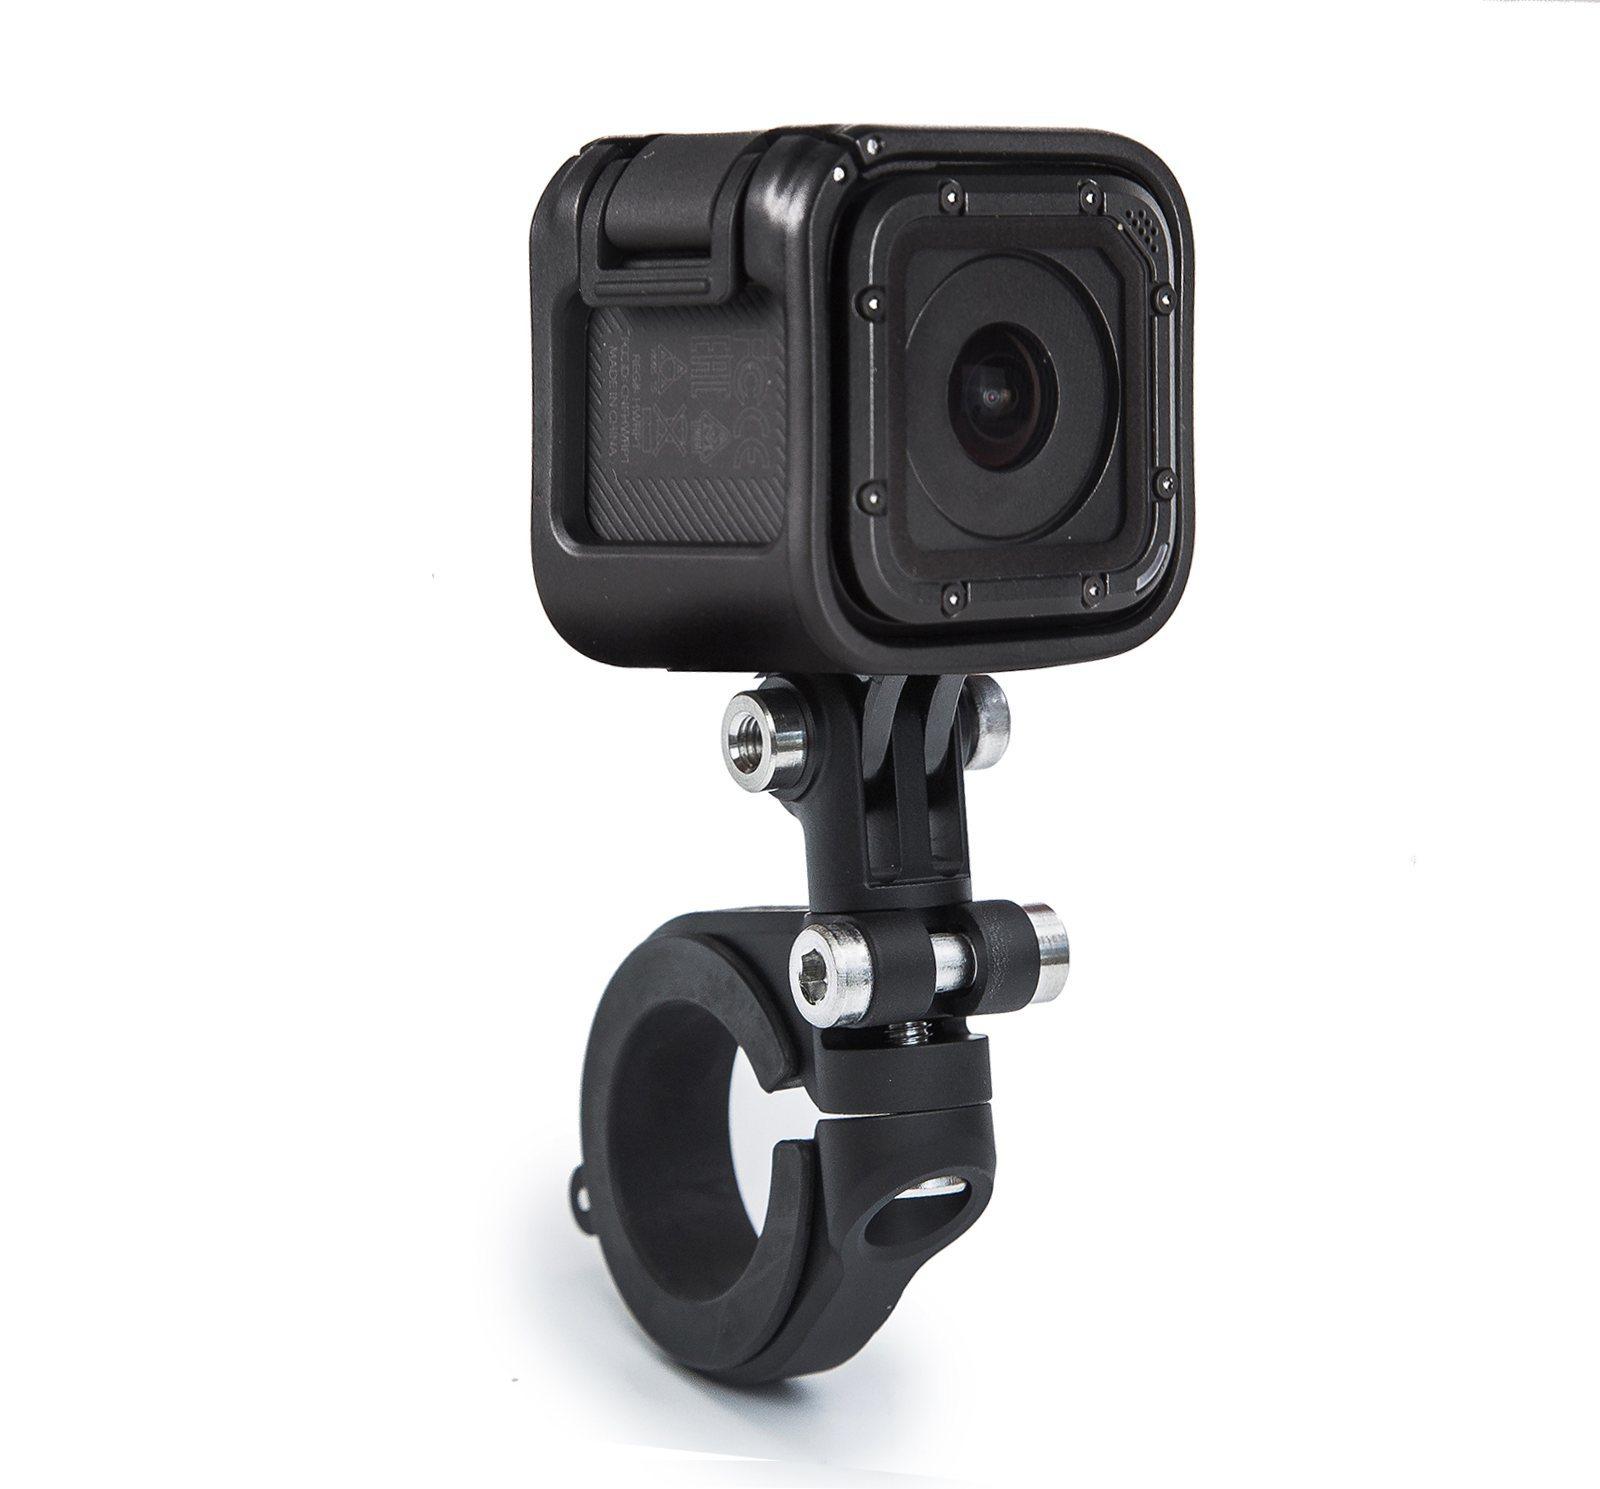 Крепление на руль/седло/раму велосипеда 22-35мм GoPro Pro Handlebar/Seatpost/Pole Mount AMHSM-001